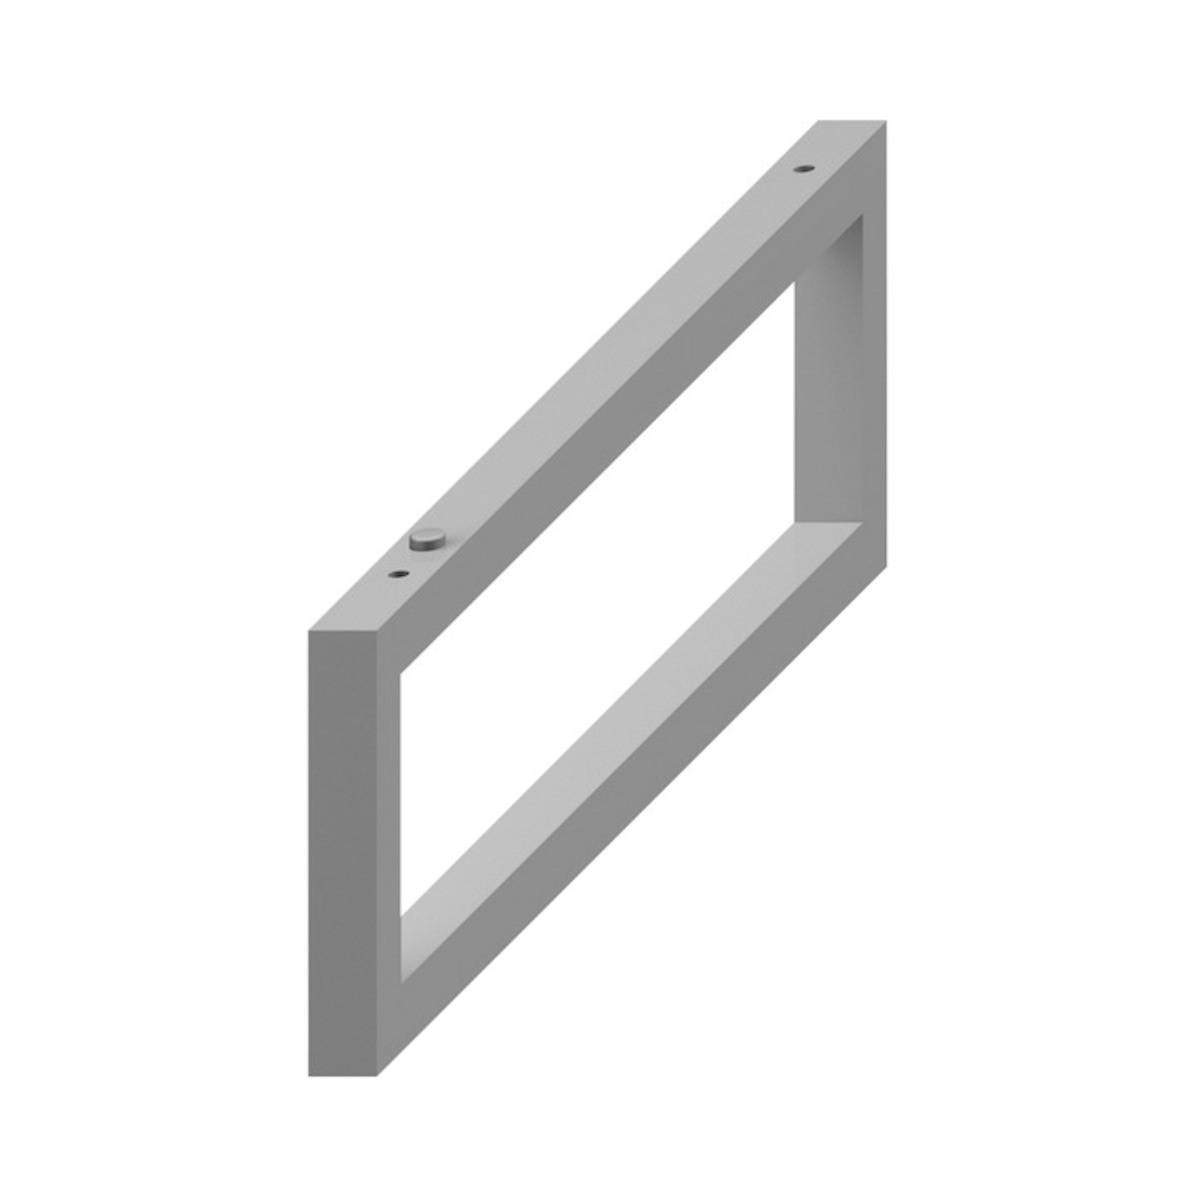 Príslušenstvo konzole Jika Cubito 2x42x14 cm strieborná H4501331720001